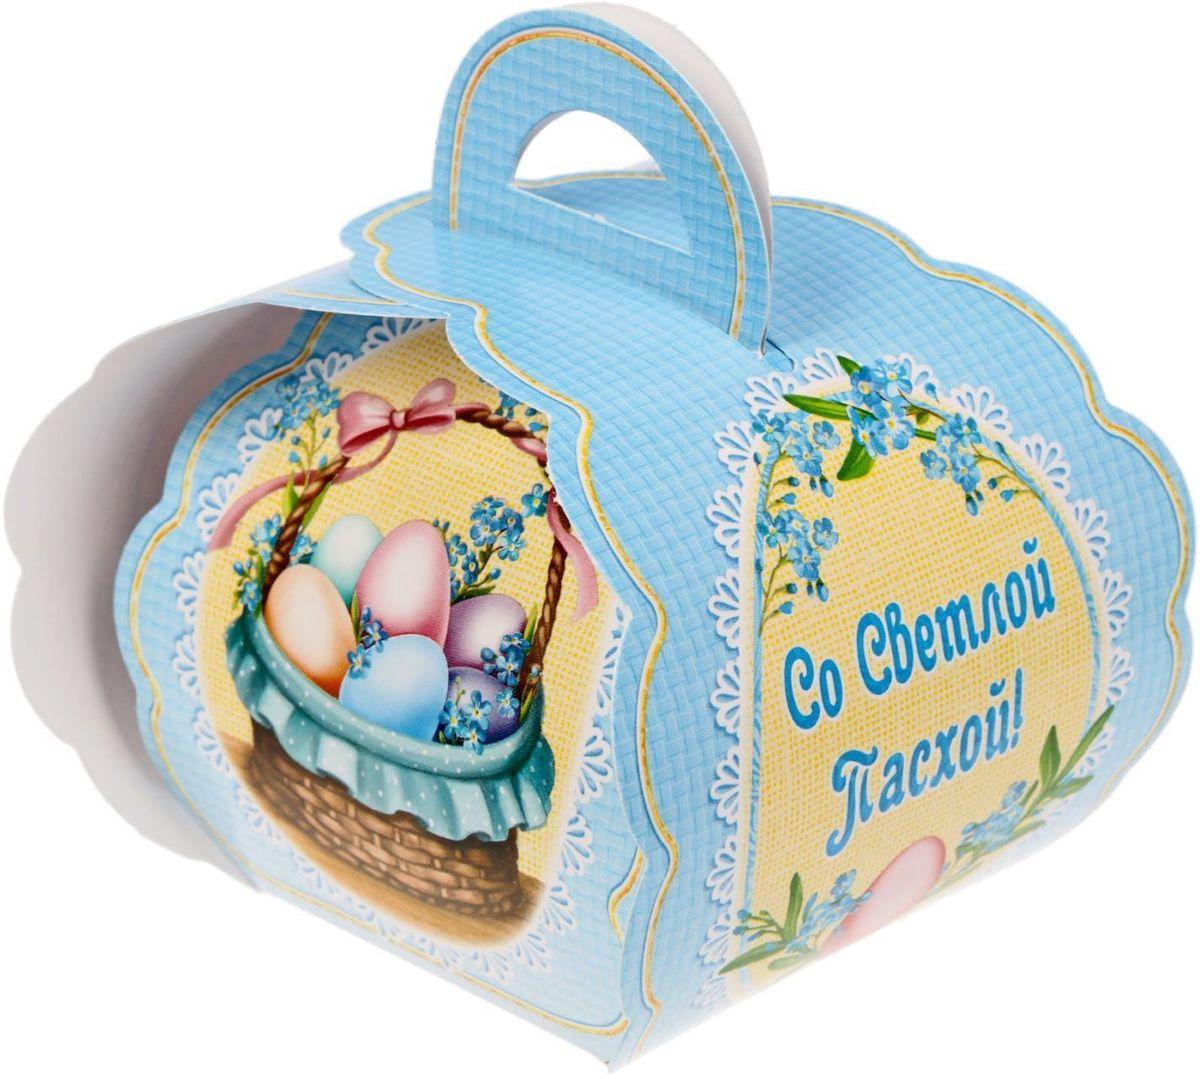 Коробочка подарочная для яйца Со Светлой Пасхой. Корзинка с яйцами. 17469861746986Коробочка подарочная для яйца — новое веяние в мире подарочной упаковки. Представьте, как здорово будет преподнести родным и близким подарки в таком оформлении. Душевный дизайн в народном стиле и пасхальные символы никого не оставят равнодушным. Коробочка надёжна и легка в использовании. Согните её по линиям и положите внутрь заготовленный презент. Благодаря удобной ручке изделие удобно переносить. Размер заготовки: 13,4 х 26,2 см.